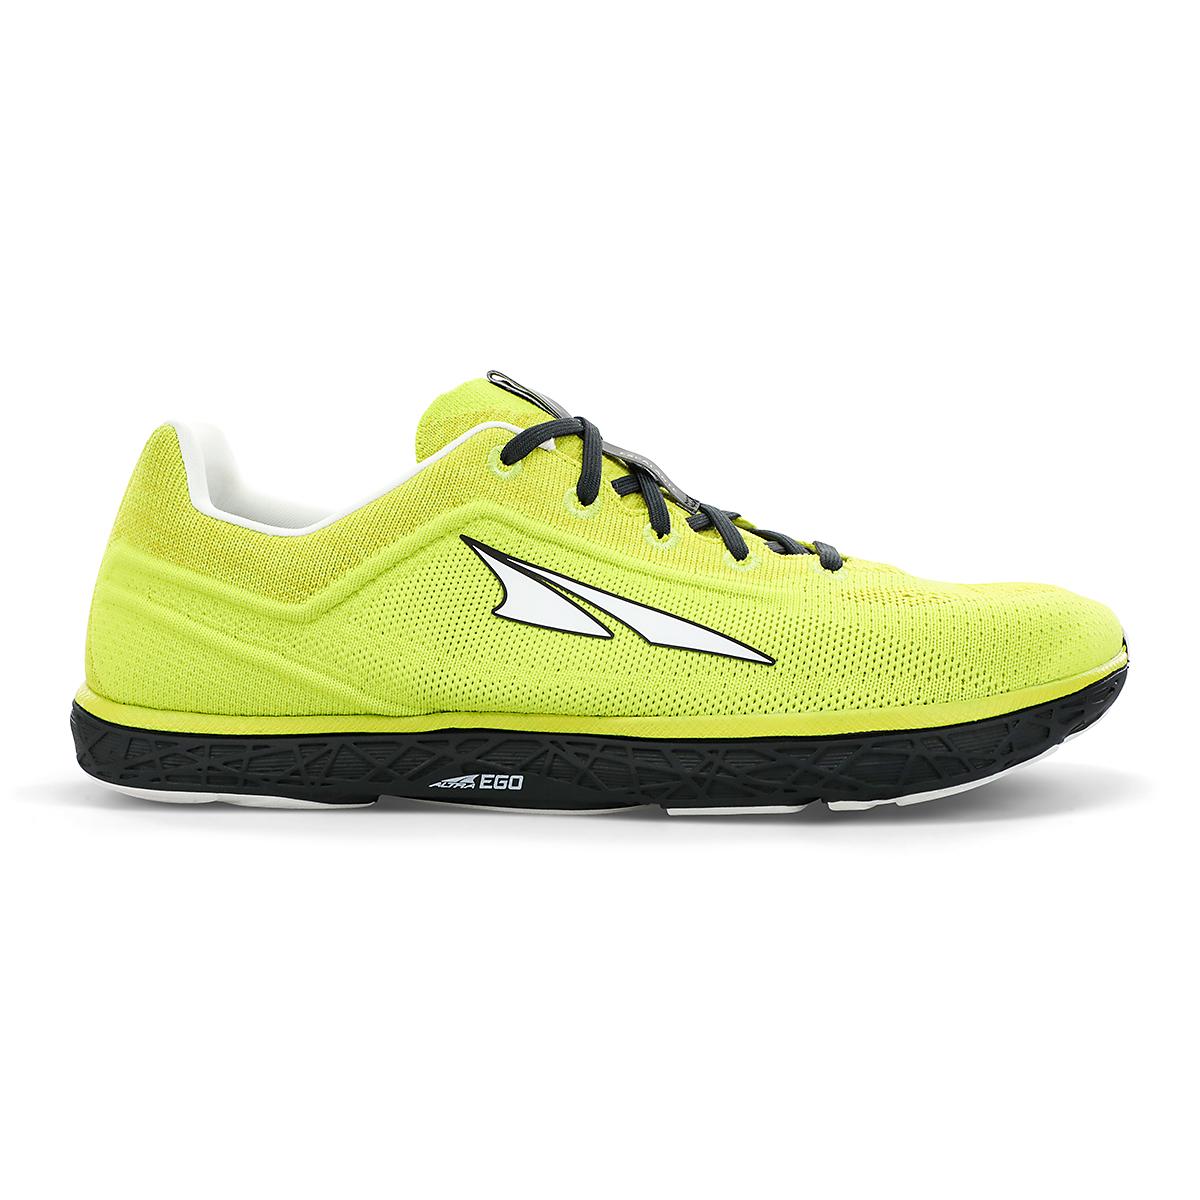 Men's Altra Escalante 2.5 Running Shoe - Color: Lime/Black - Size: 7 - Width: Regular, Lime/Black, large, image 1